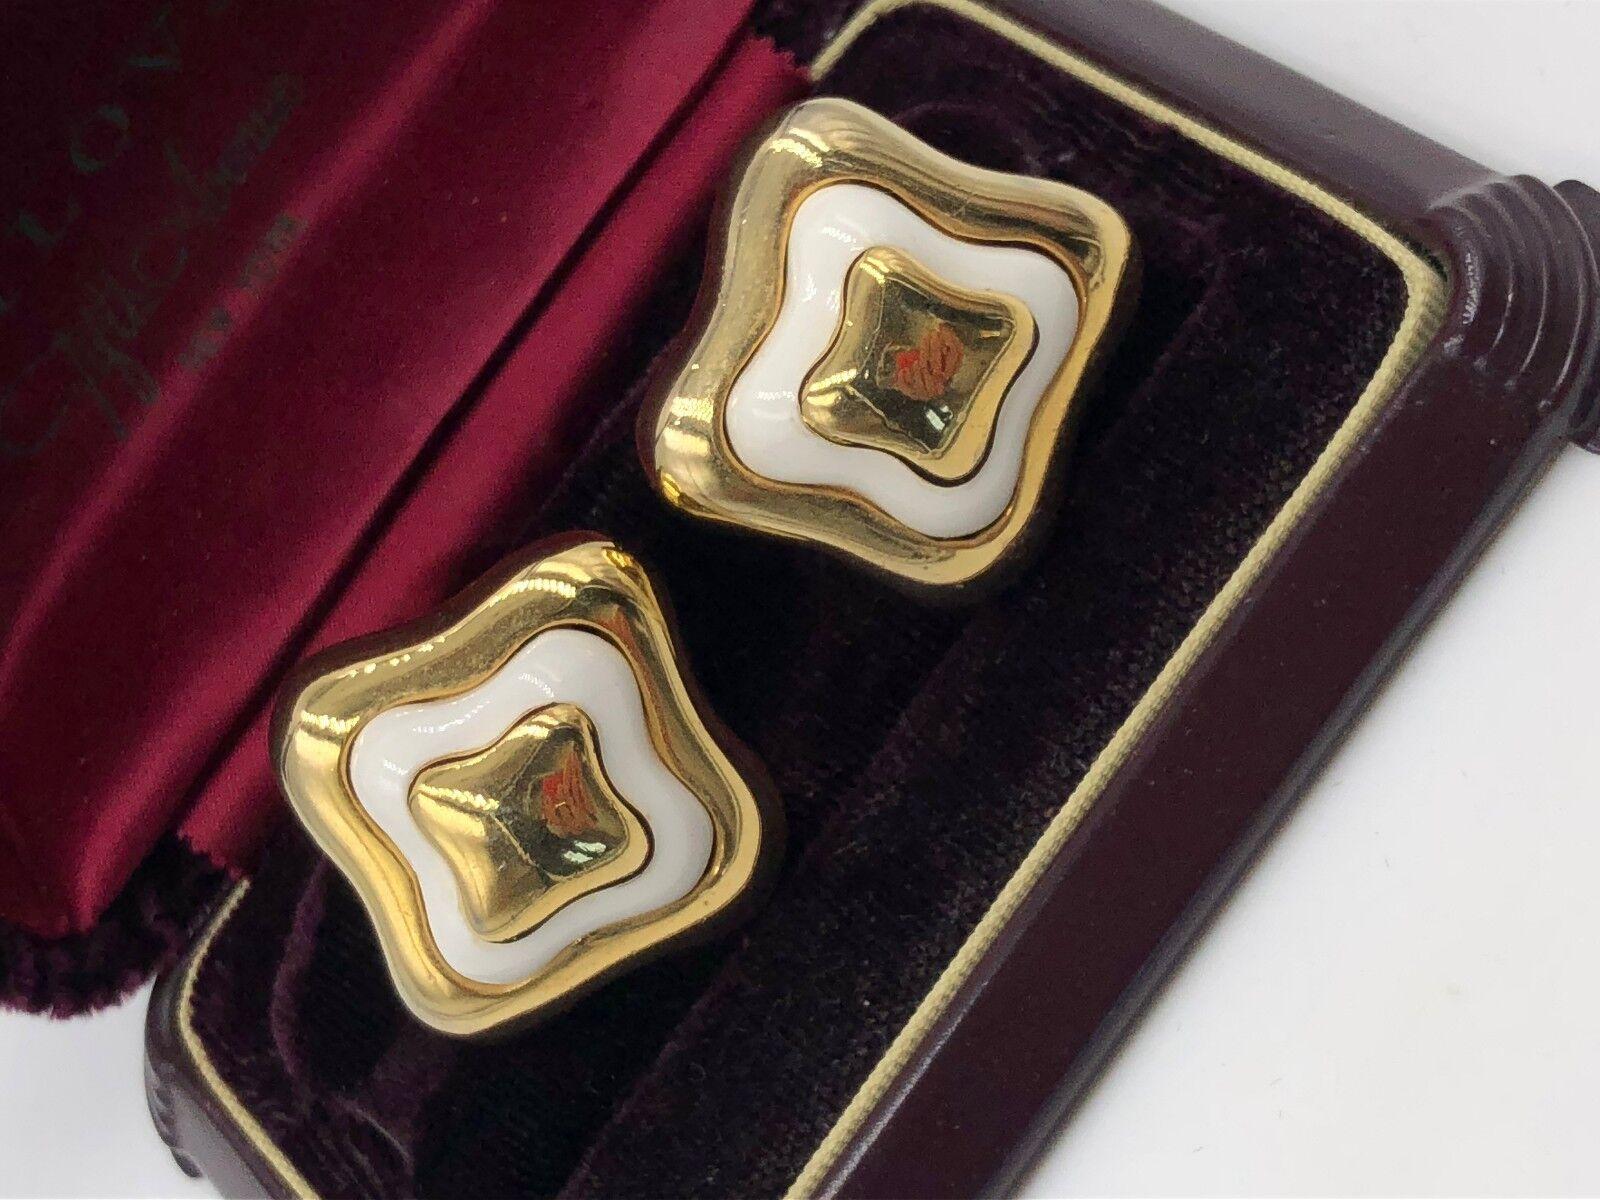 VINTAGE LANVIN SIGNED GOLD ENAMEL EARRINGS CLP FR… - image 6